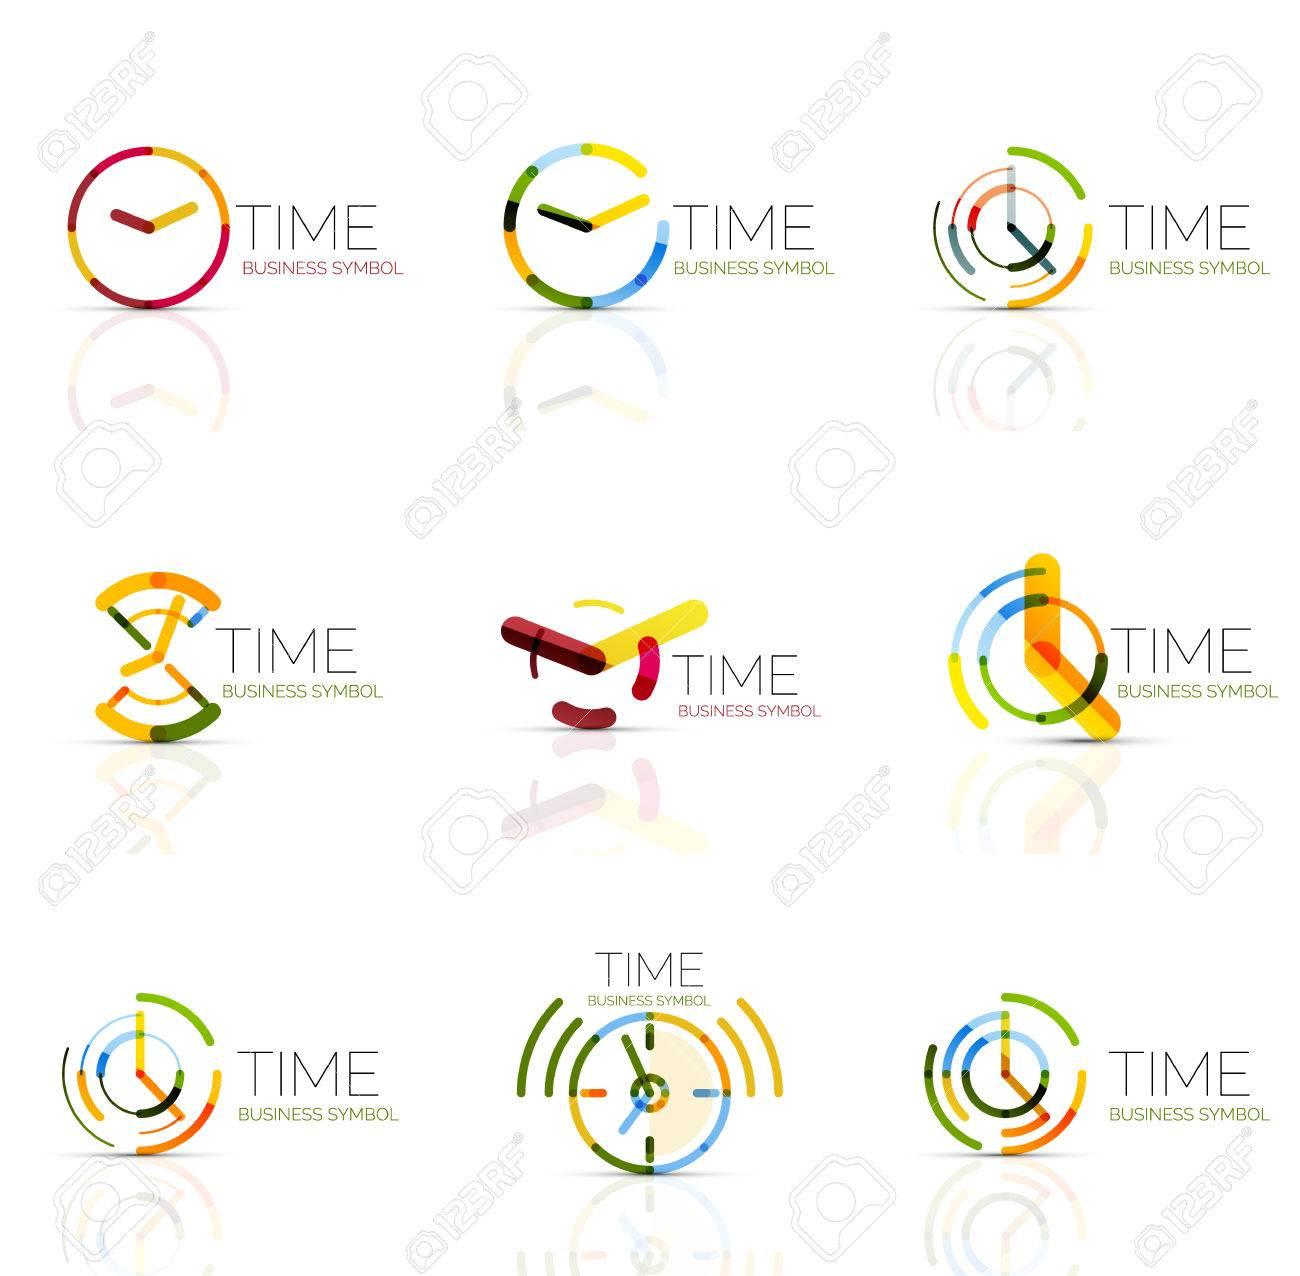 b5cd7a63043e Foto de archivo - Reloj geométrica y el icono de logo tiempo. delgada línea  símbolos o logotipos estilo plana geométricas. la gestión del tiempo de  negocios ...